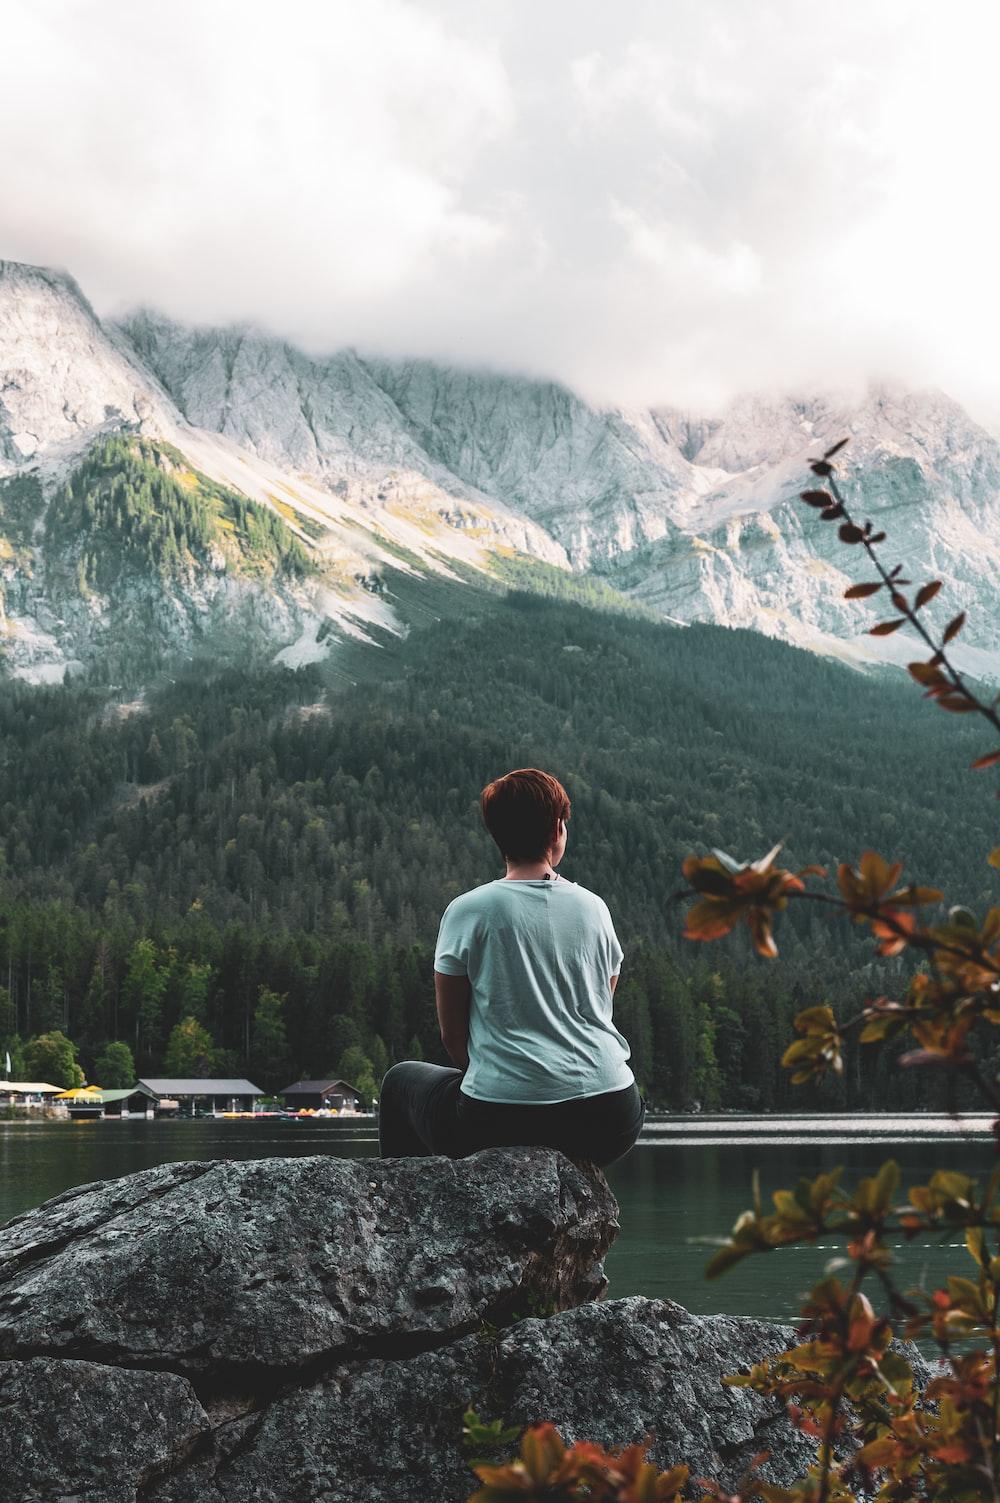 man in white shirt sitting on rock near lake and mountains during daytime